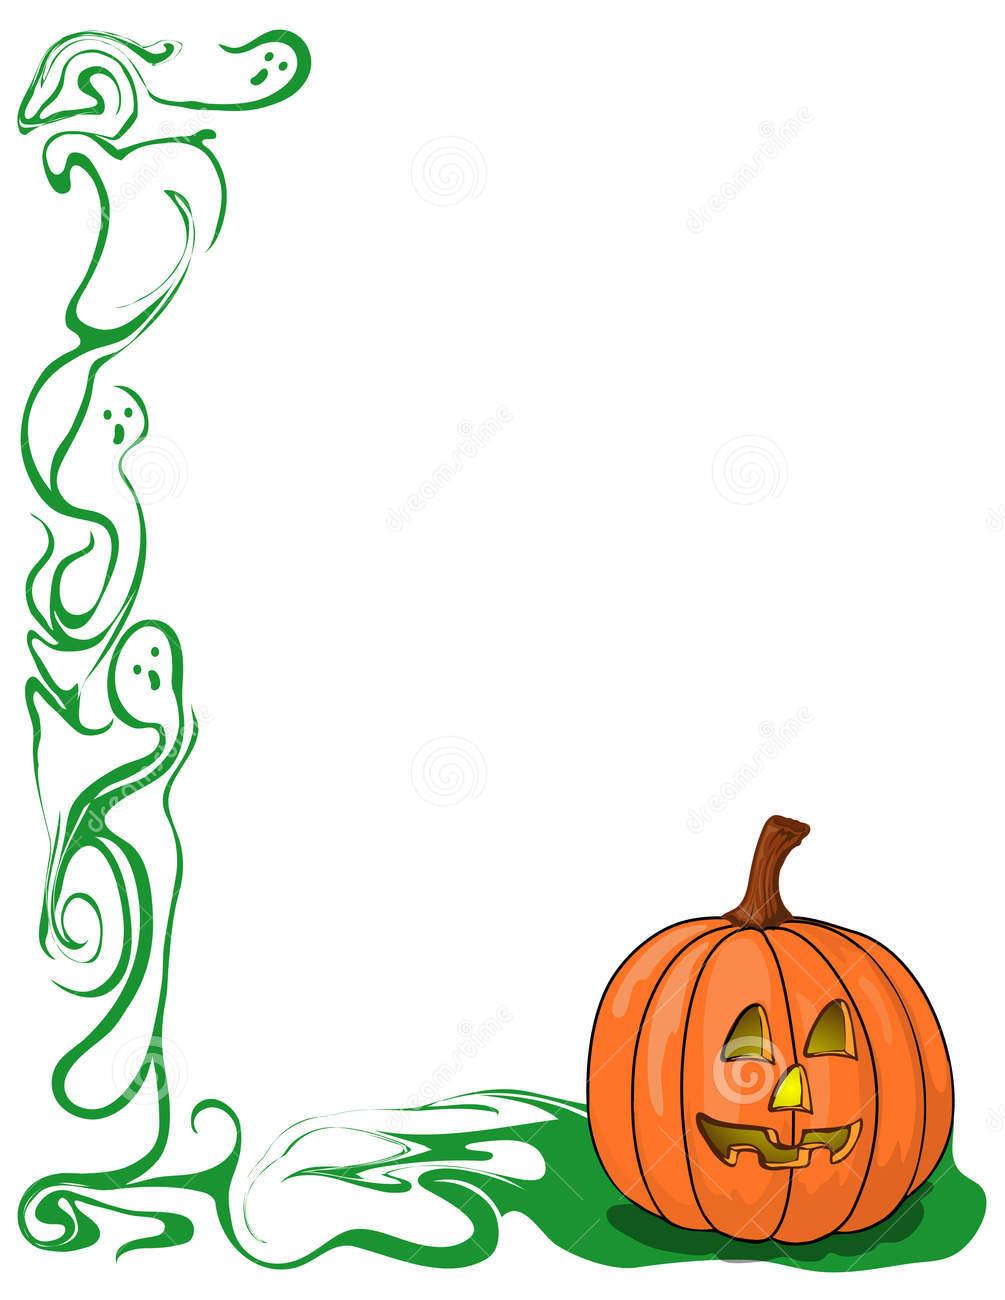 Pumpkin border 6